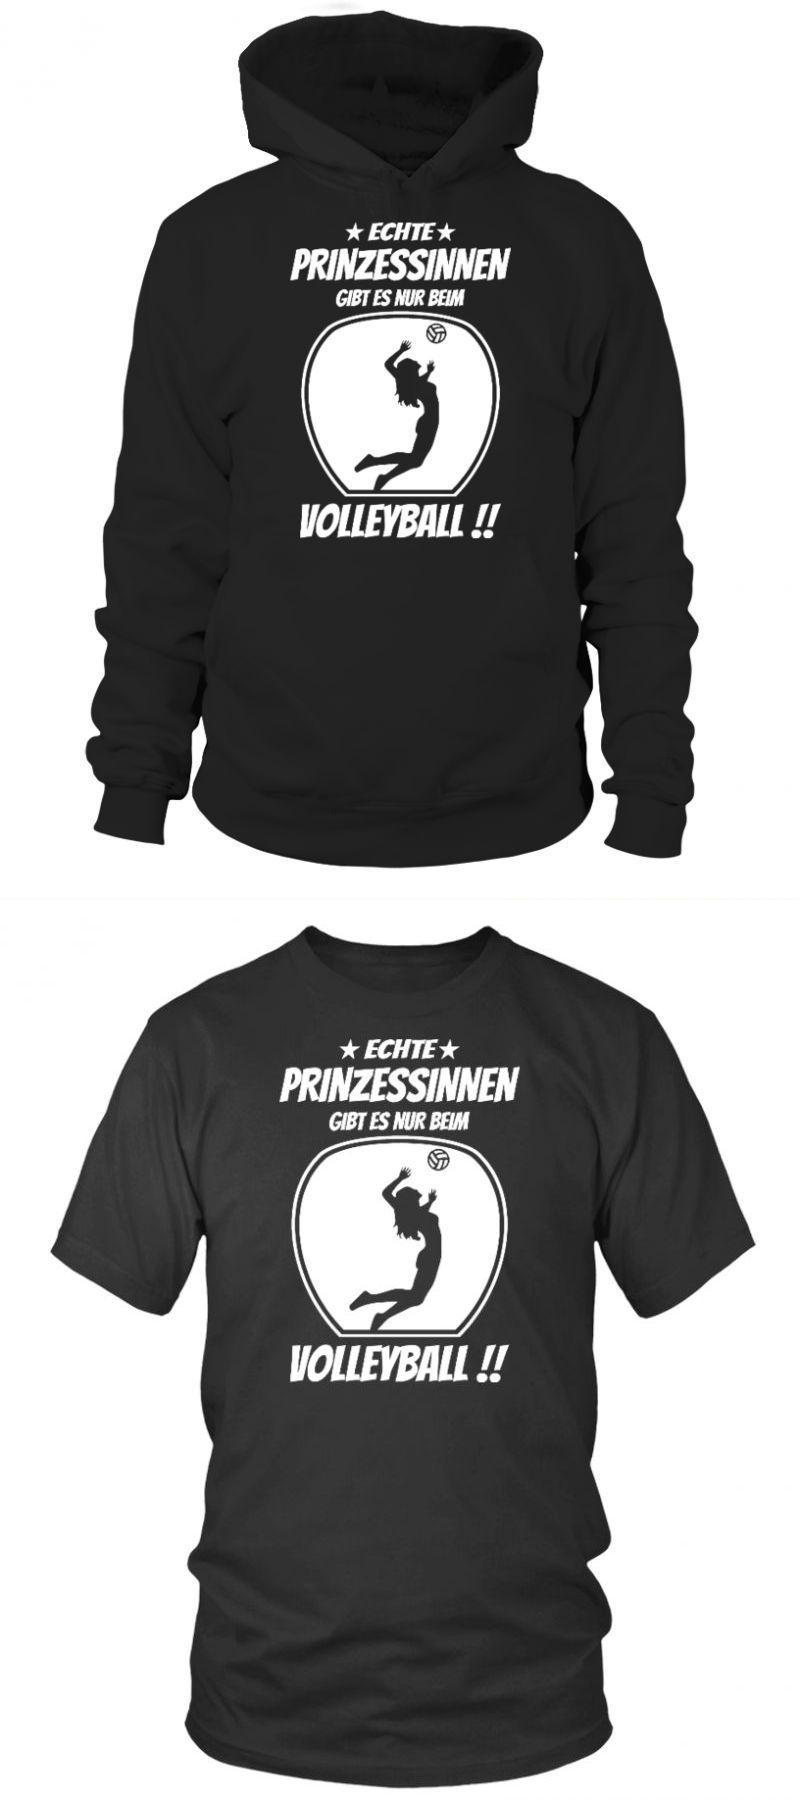 Mizuno T Shirt Volleyball Prinzessinen Gib Es Nur Beim Volleyball Volleyball T Shirt Printing Mizuno T Shirt Volleyball Shirts Printed Shirts Hockey Tshirts